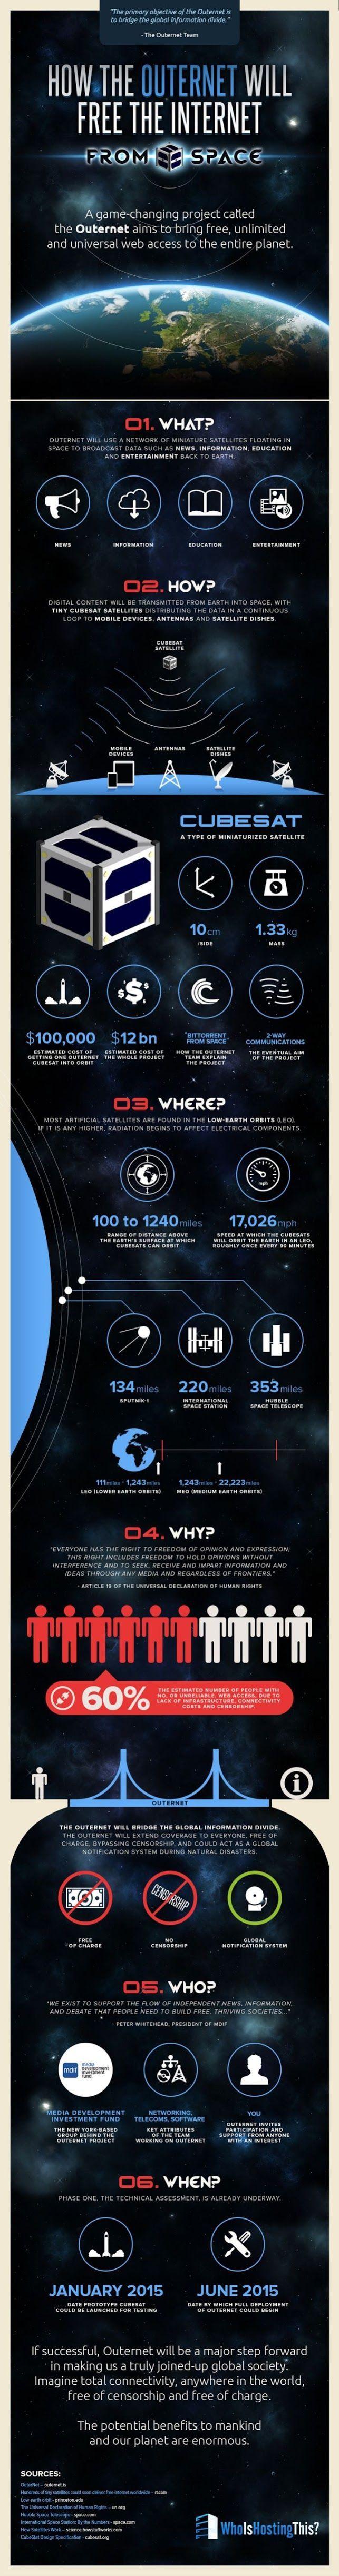 Ya sabemos que es Internet: pero ¿sabes qué es Outernet? #infografia #infographic